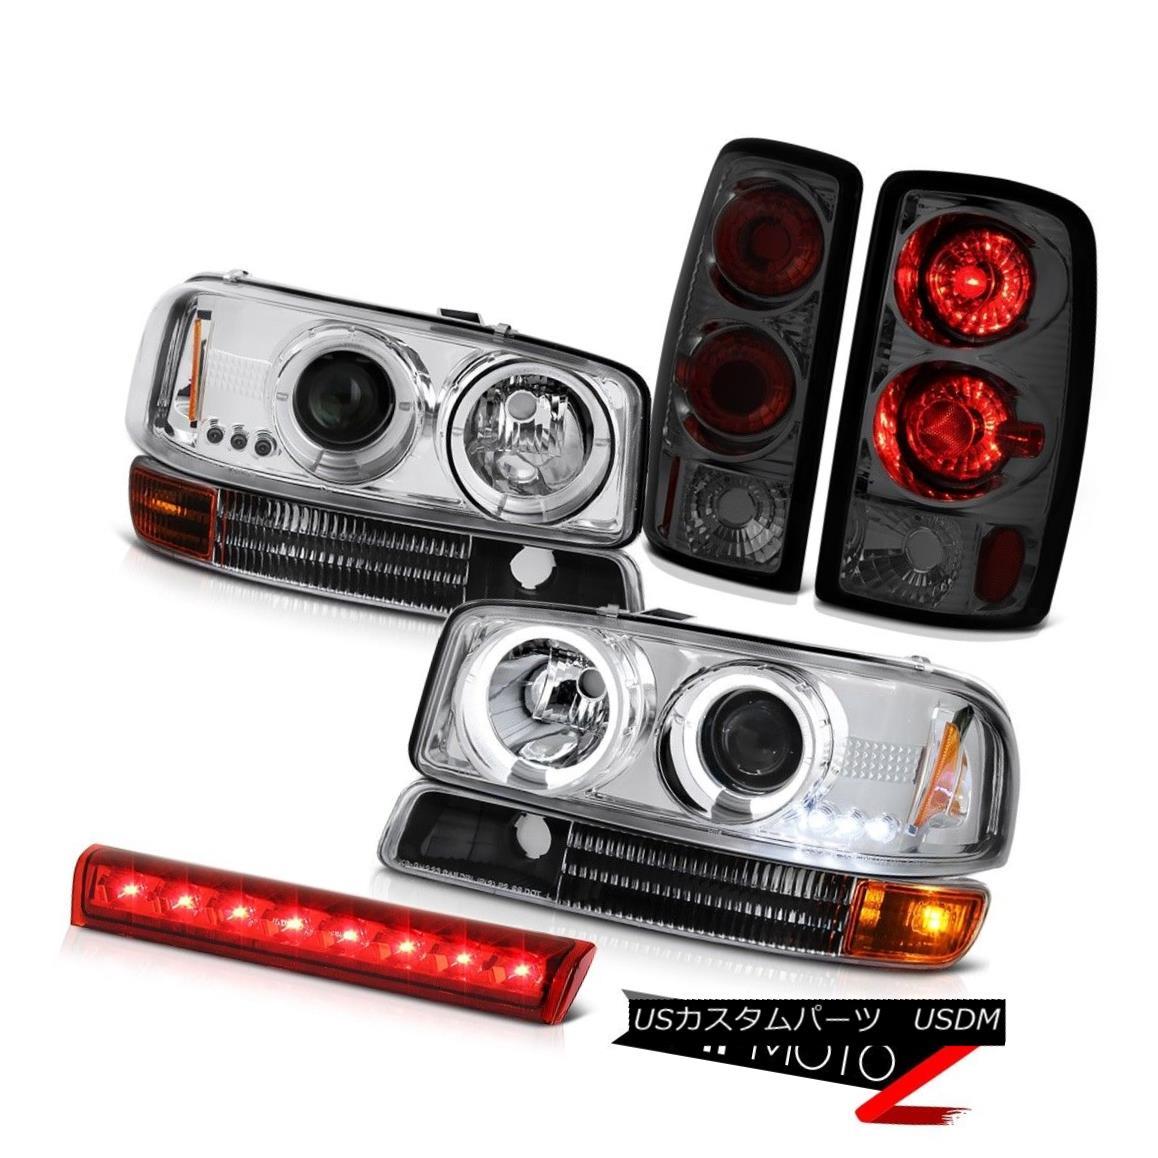 ヘッドライト 00 01 02 03 04 05 06 Yukon SLT Angel Eye Halo Headlight Brake Tail Light 3rd LED 00 01 02 03 04 05 06ユーコンSLTエンジェルアイハローヘッドライトブレーキテールライト3rd LED